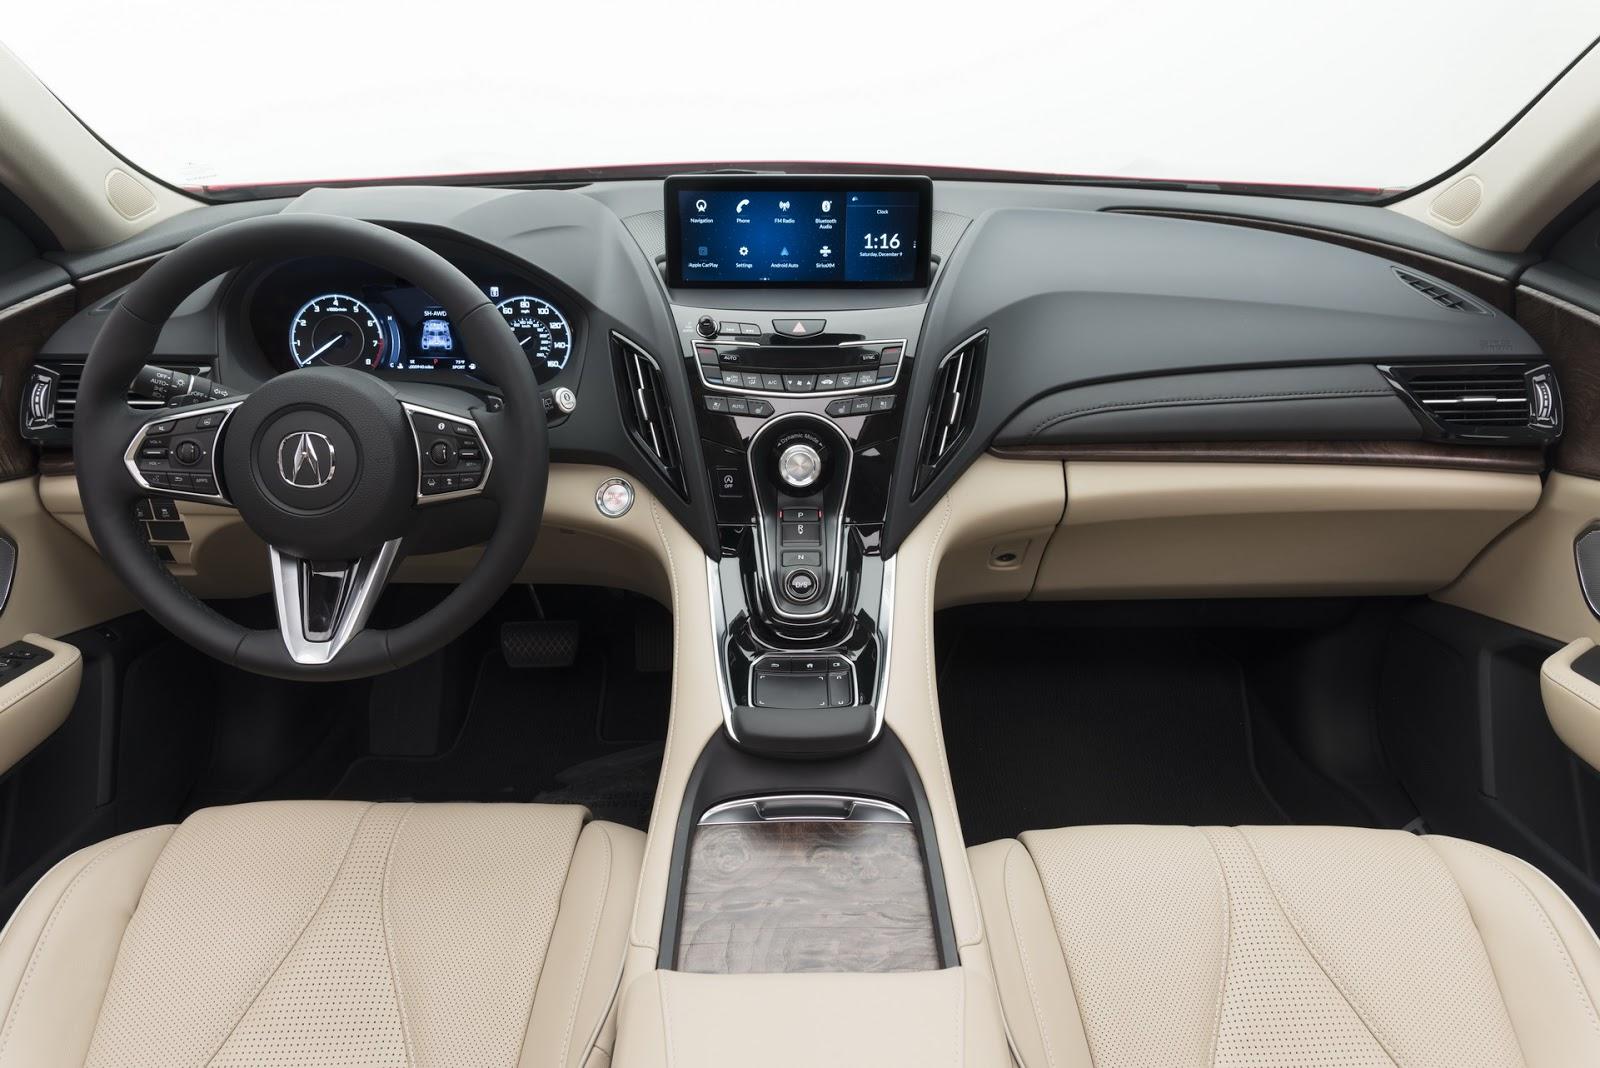 2019-Acura-RDX-14.jpg